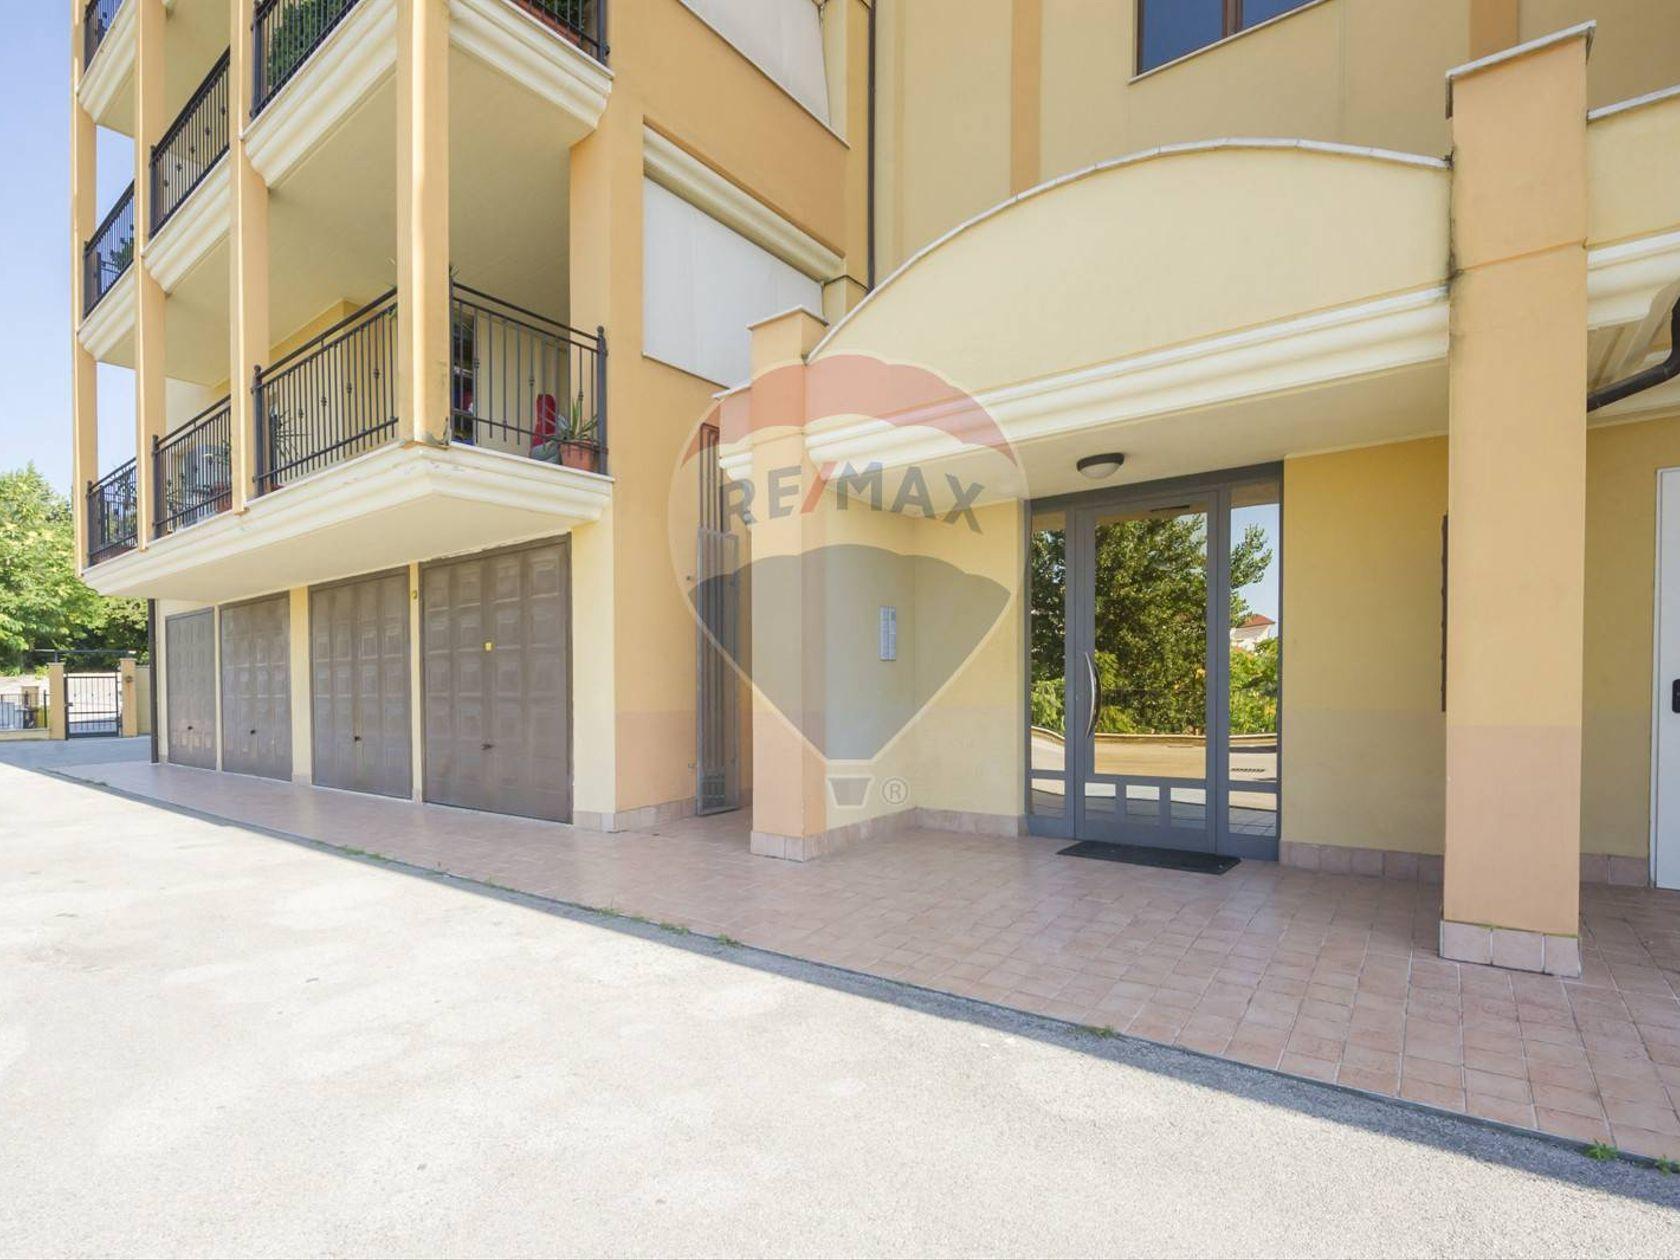 Appartamento Madonna delle Piane, Chieti, CH Vendita - Foto 3